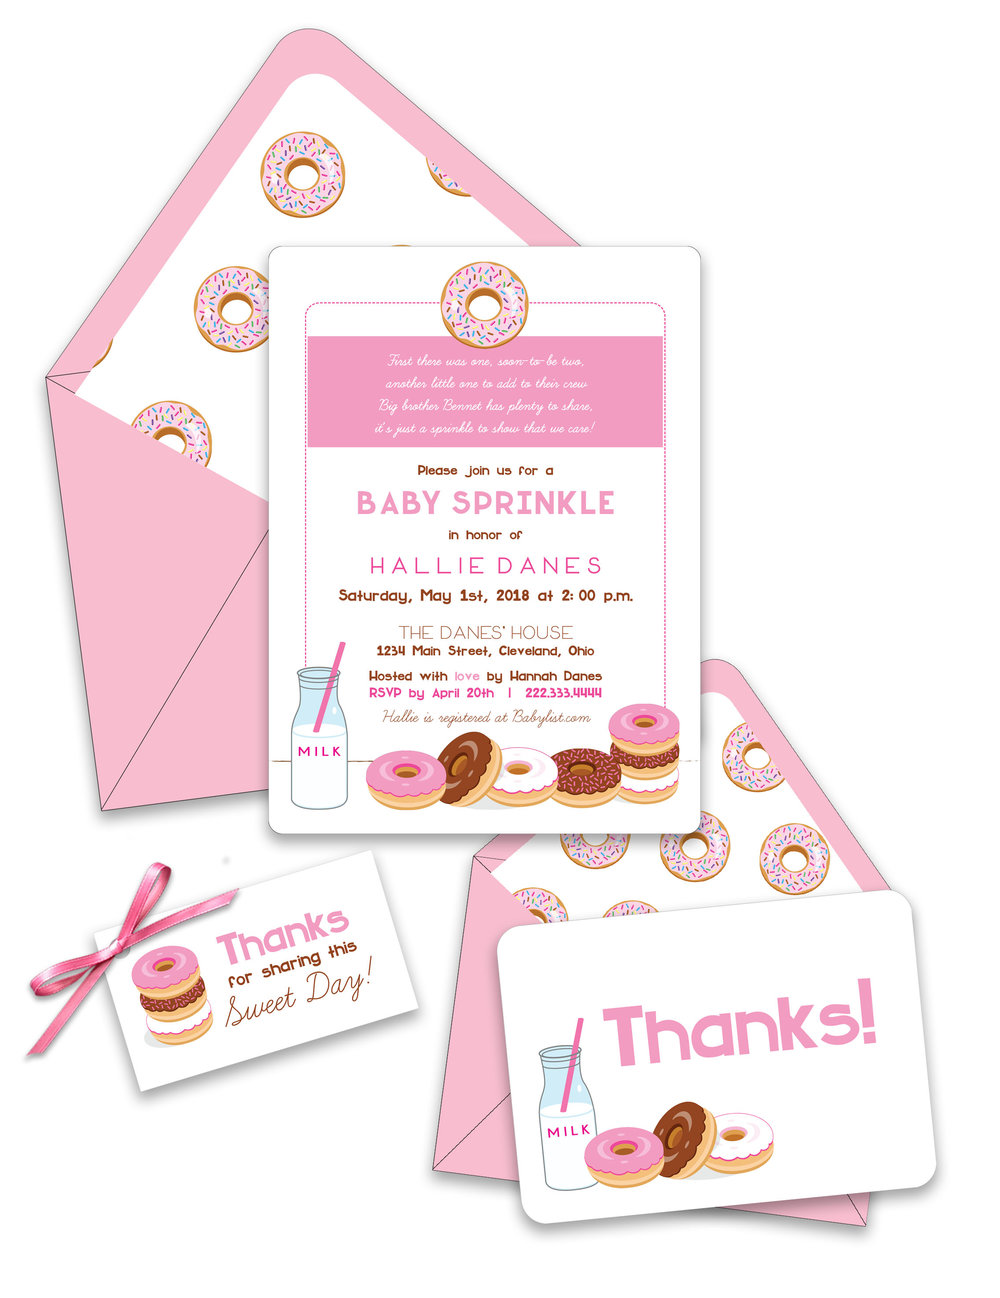 Baby Sprinkle Shower-Entire Suite.jpg